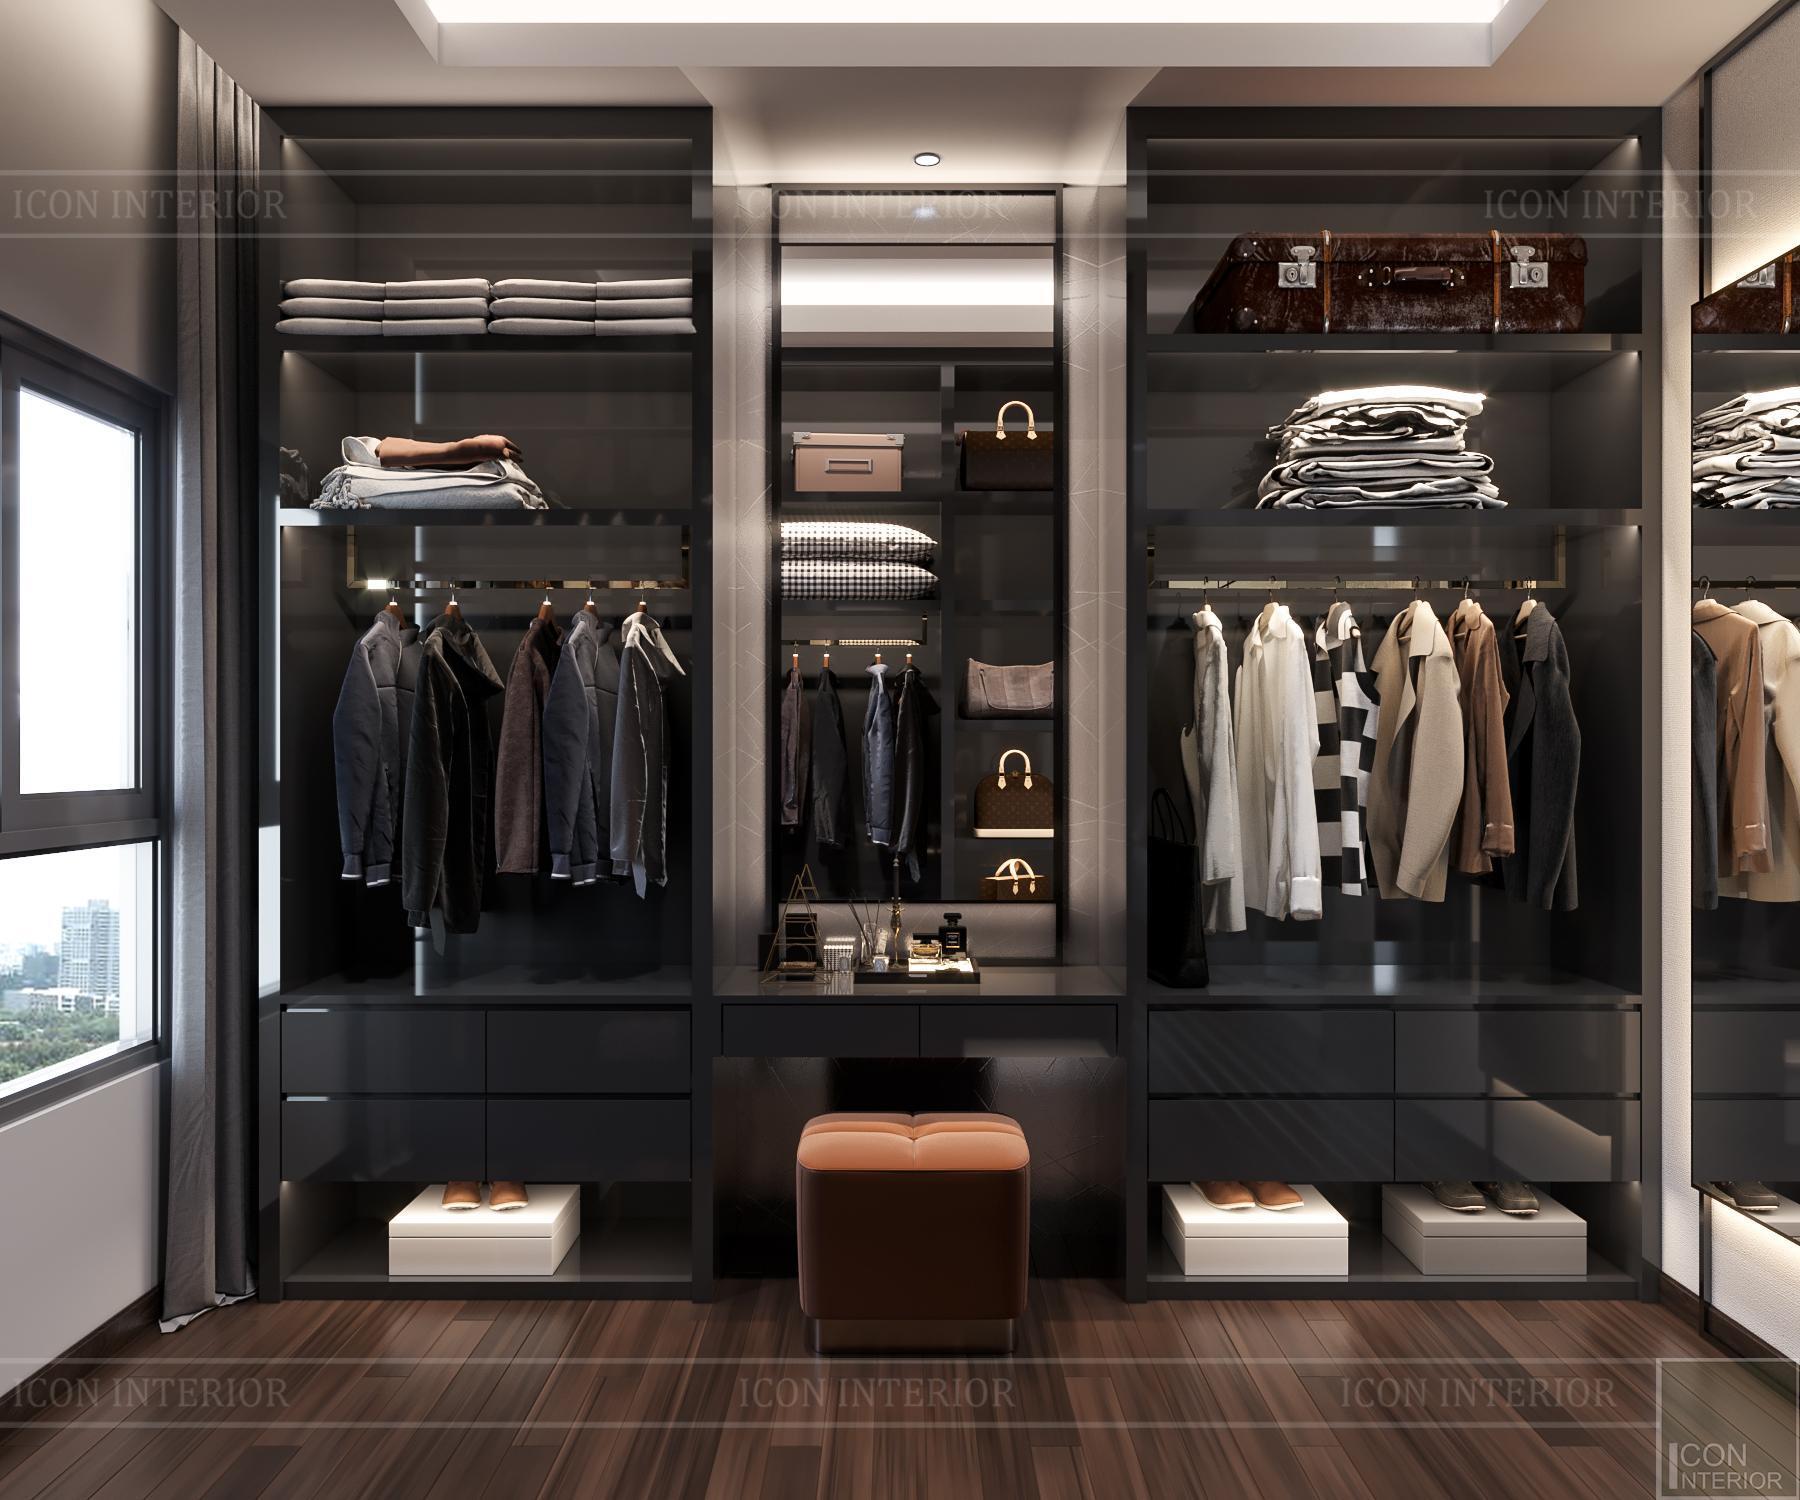 thiết kế nội thất căn hộ flemington - phòng thay đồ 2